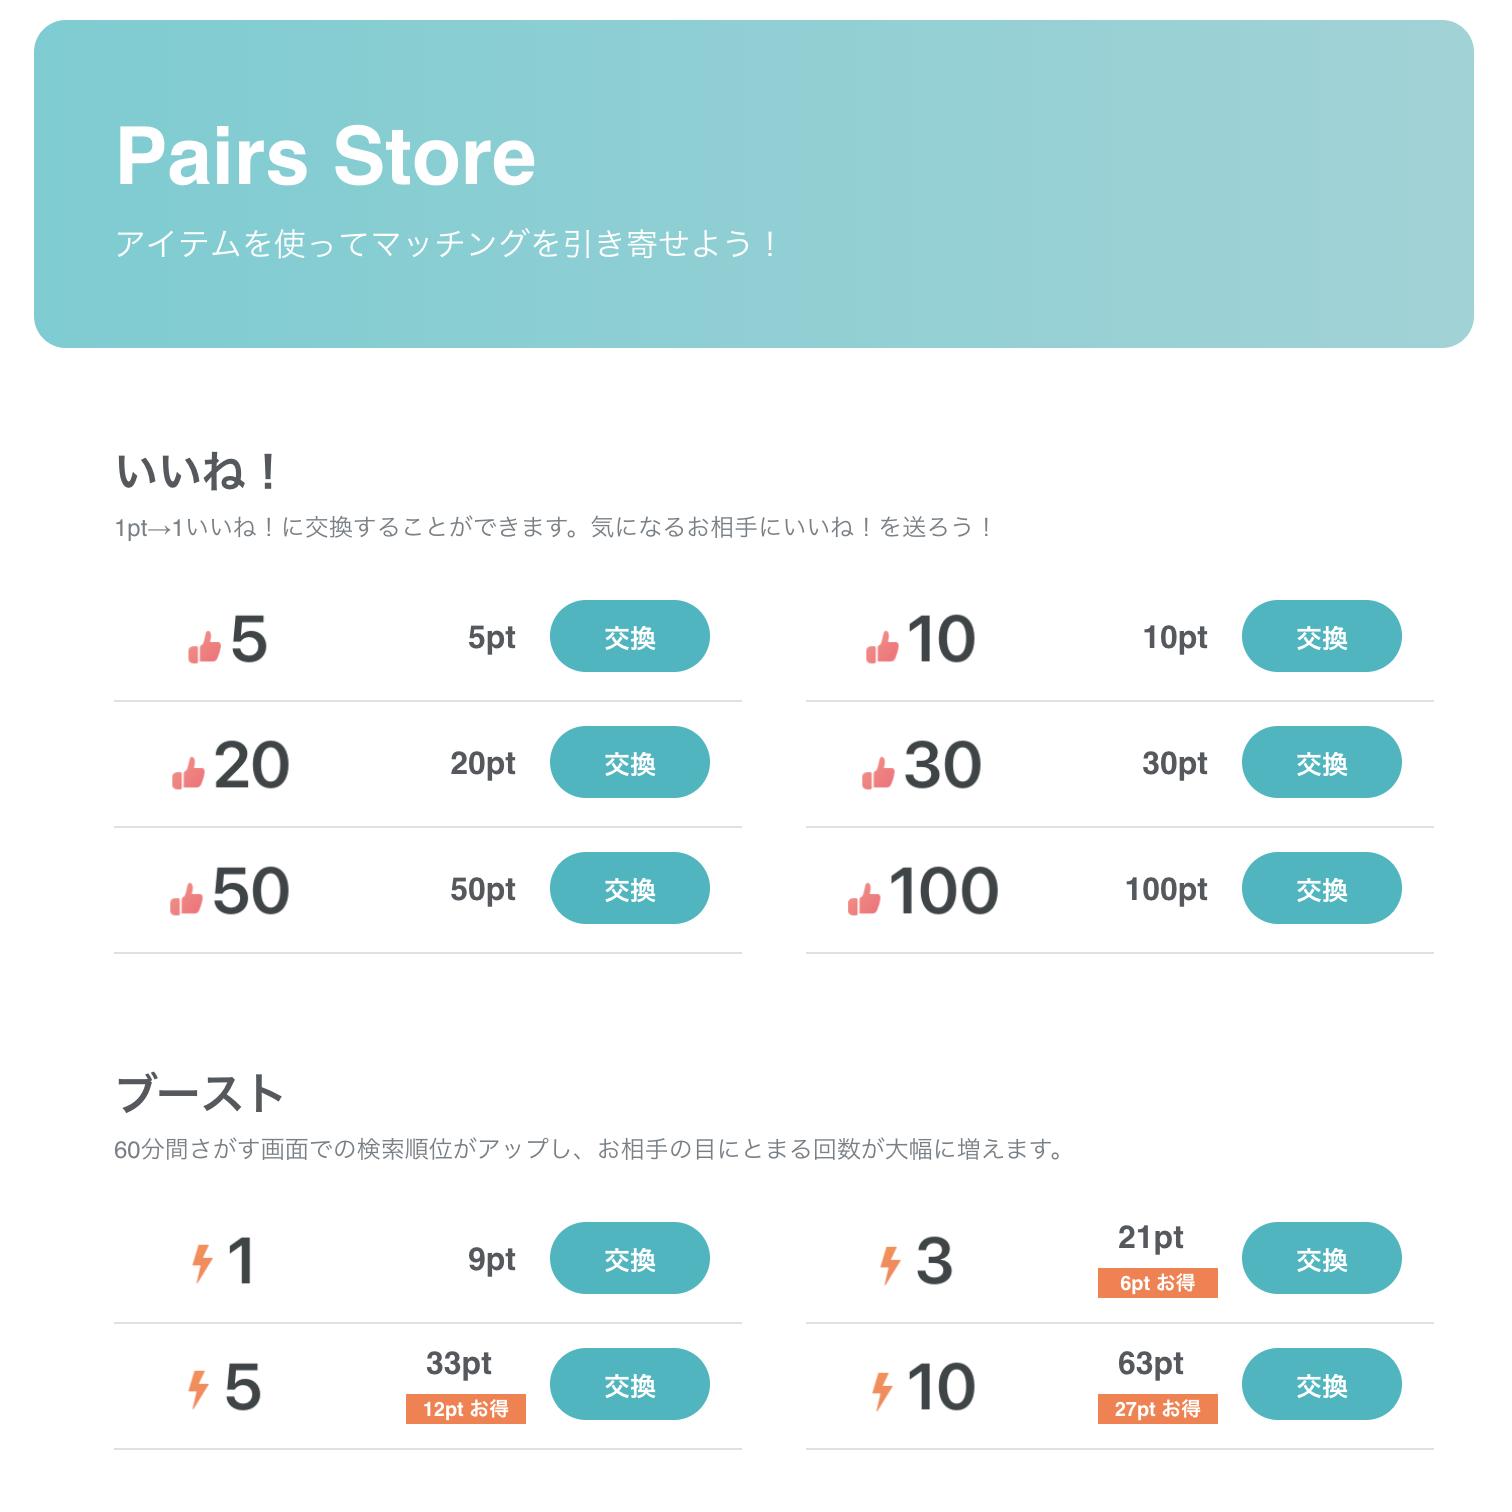 Pairs(ペアーズ) Pairs(ペアーズ )のブーストはペアーズショップで購入可能